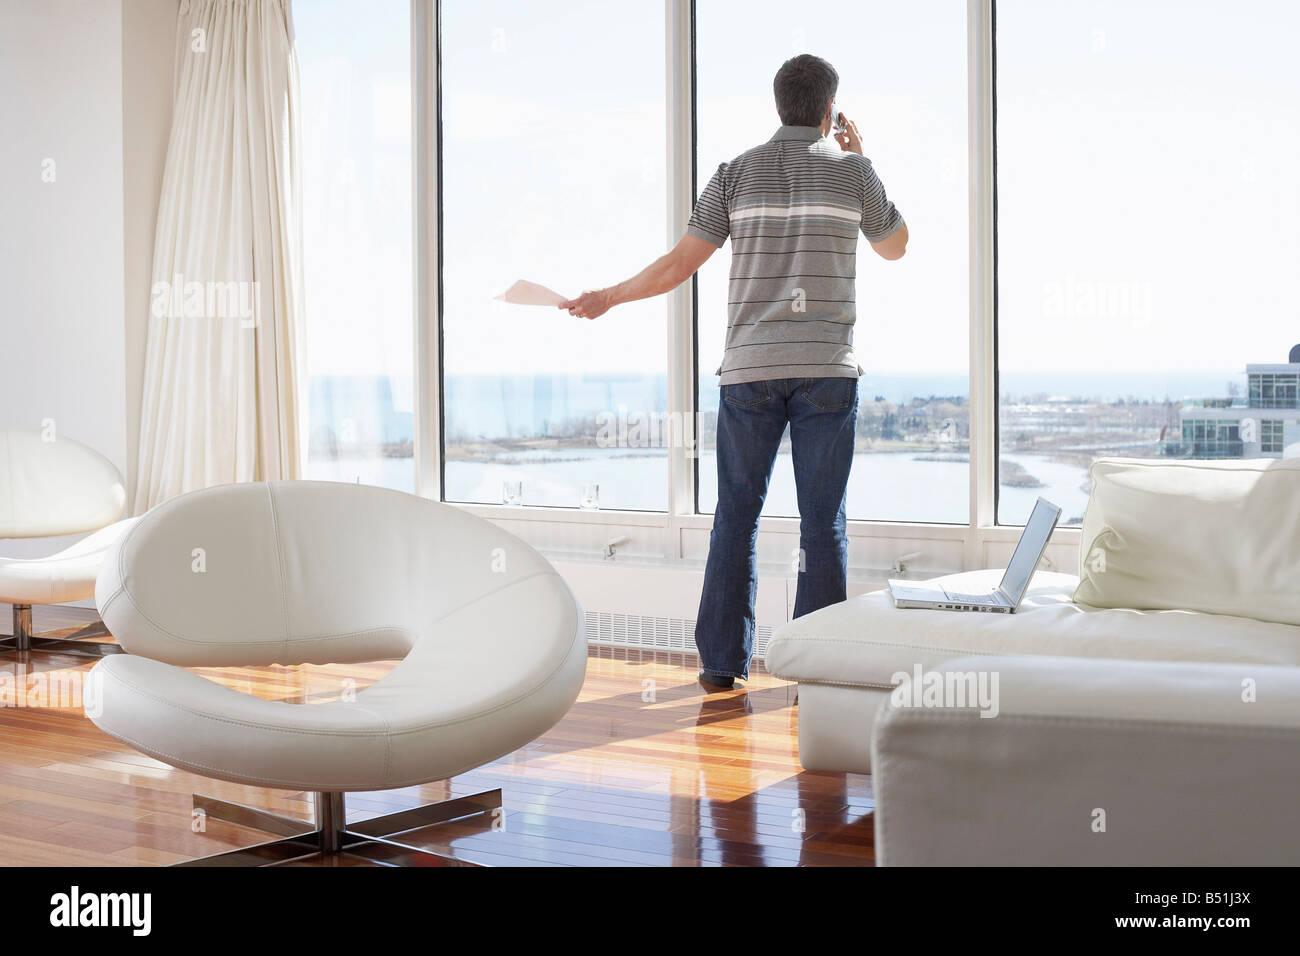 Man with Cellular Phone in Condominium Stock Photo